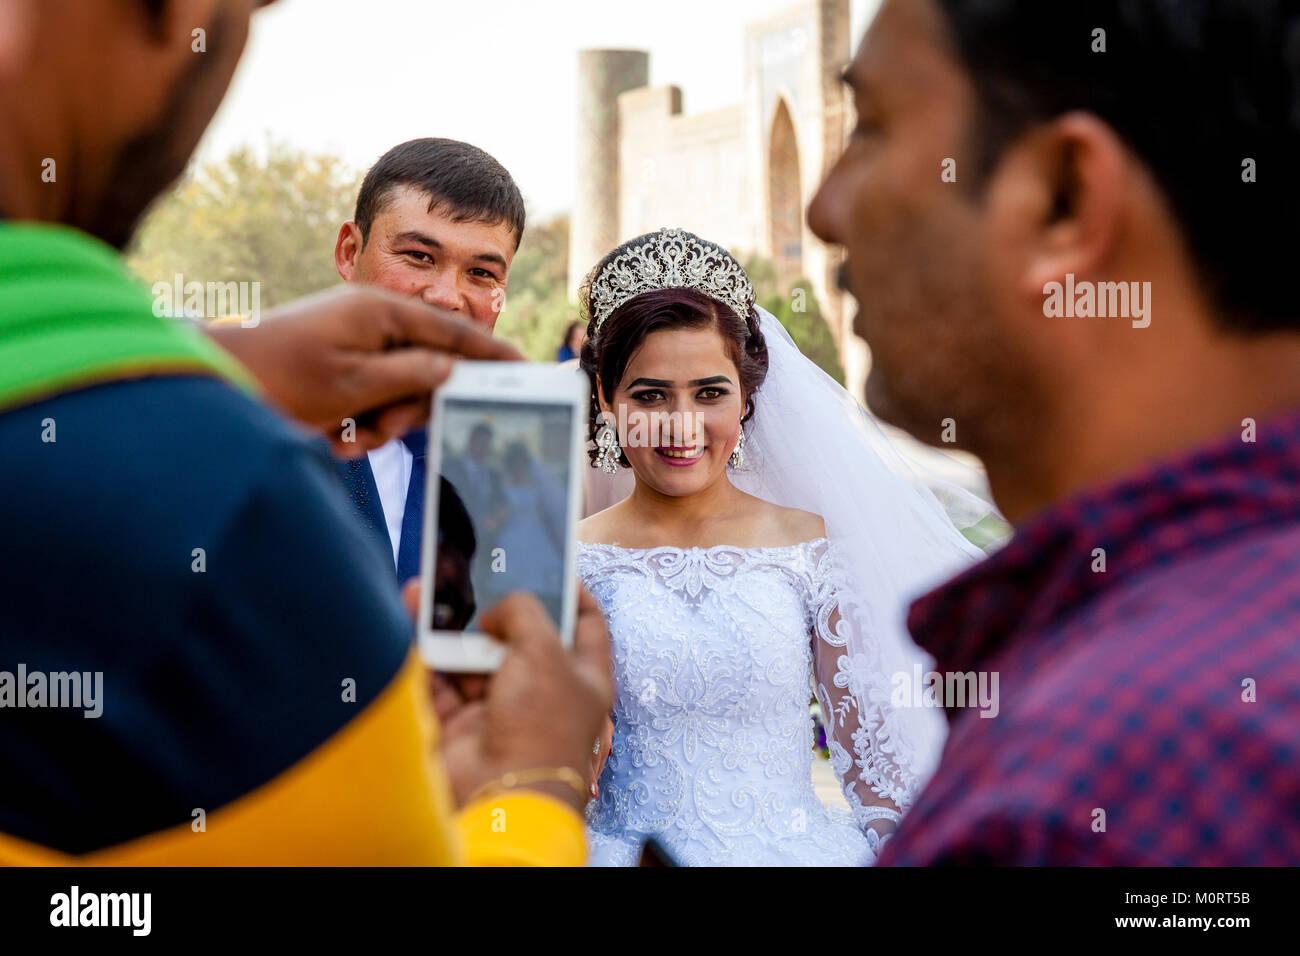 """Los turistas toman fotos de """"Recién casados"""" Pareja joven en el complejo de Registán, Samarcanda, Uzbekistán Foto de stock"""